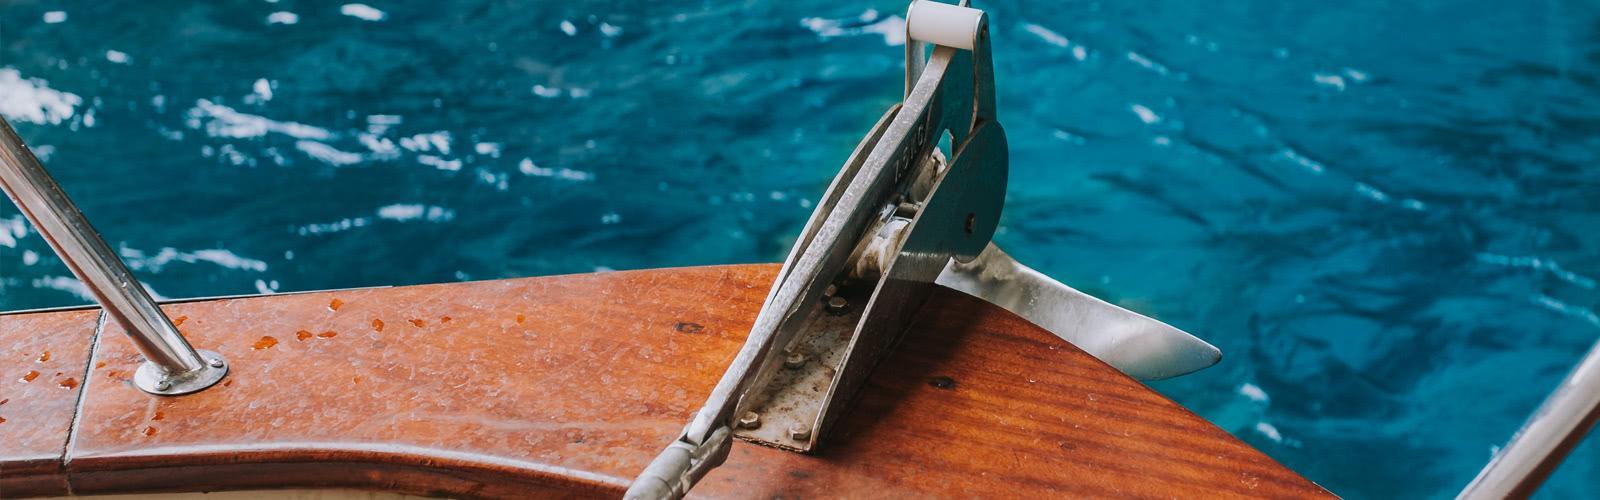 Welcher Anker ist der richtige für mein Boot?